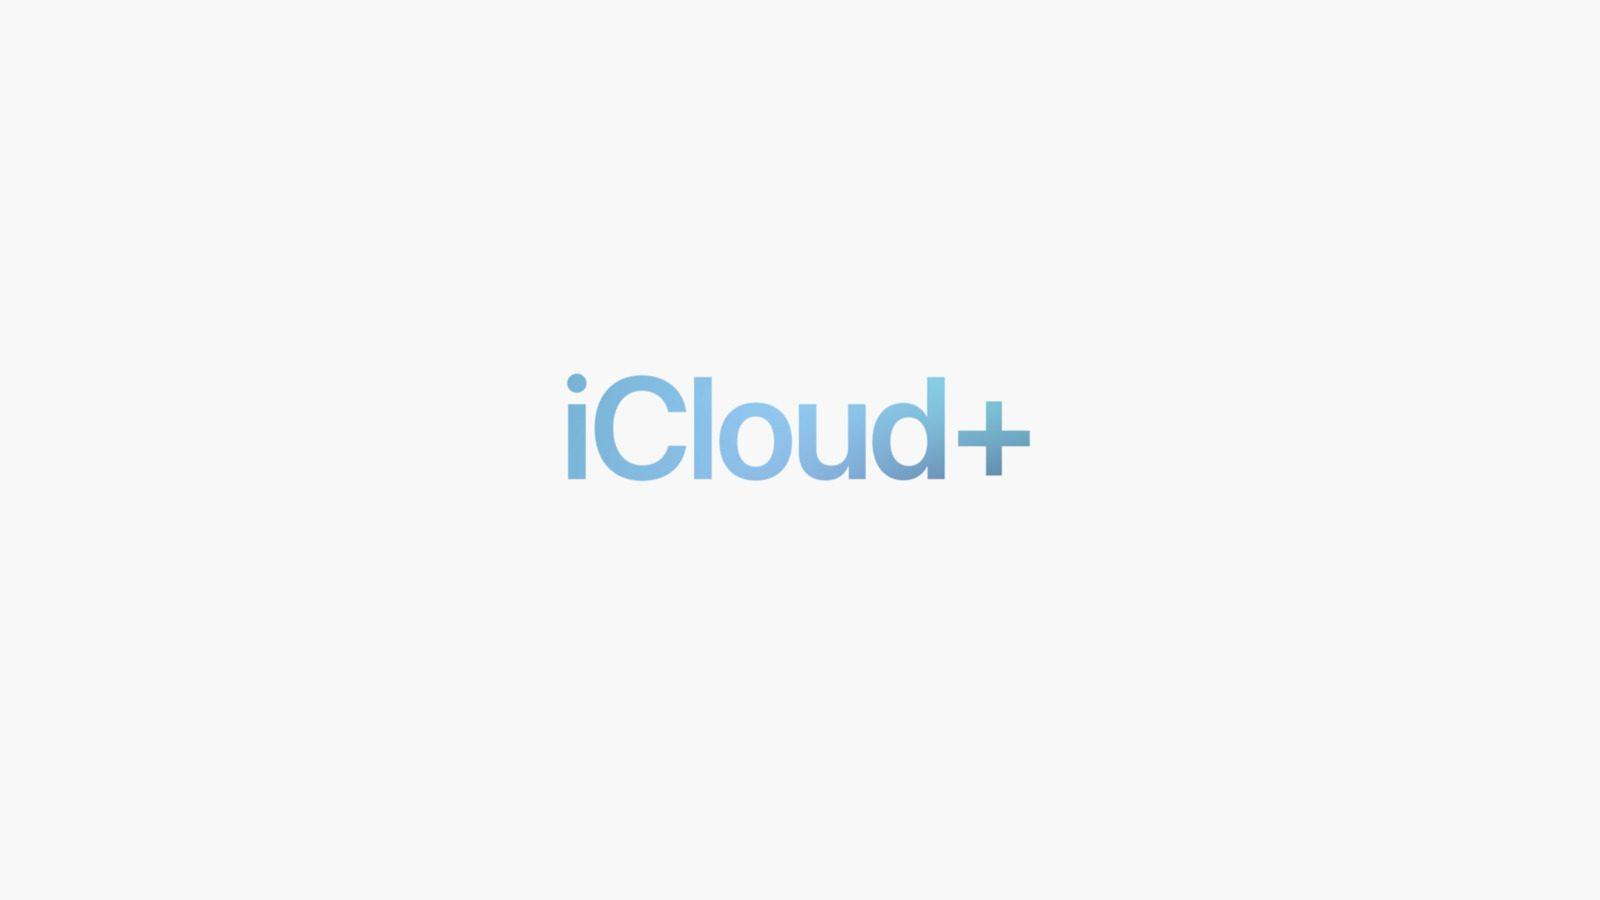 Apple временно расширяет iCloud в iOS 15 для резервного копирования и переноса данных на новое устройство